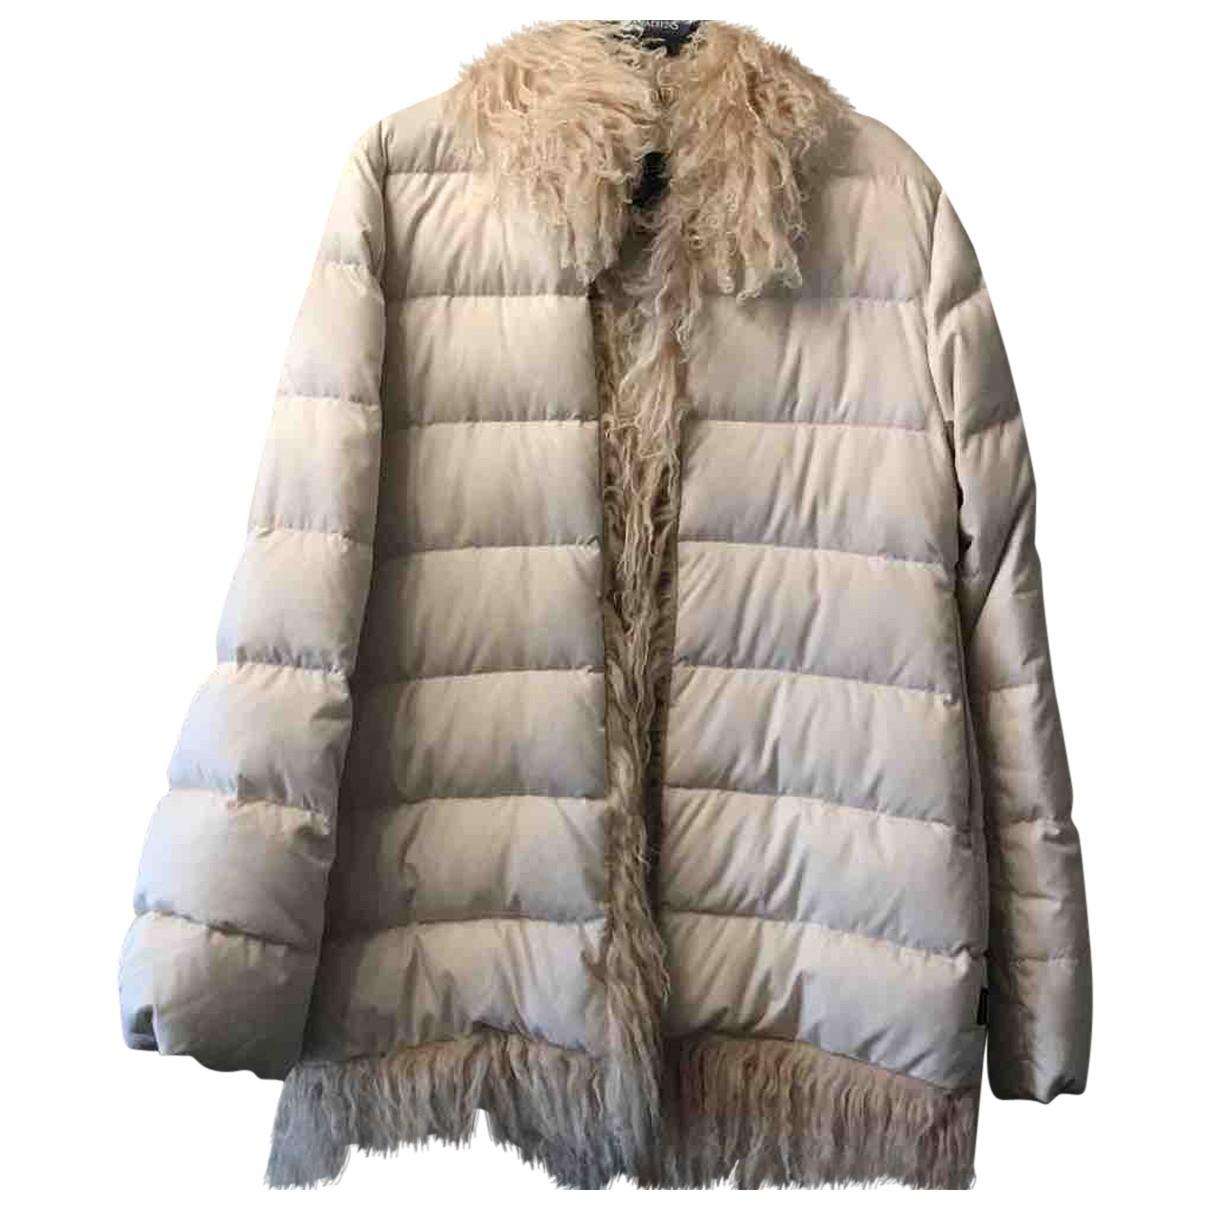 Moncler \N Ecru coat for Women 2 0-5